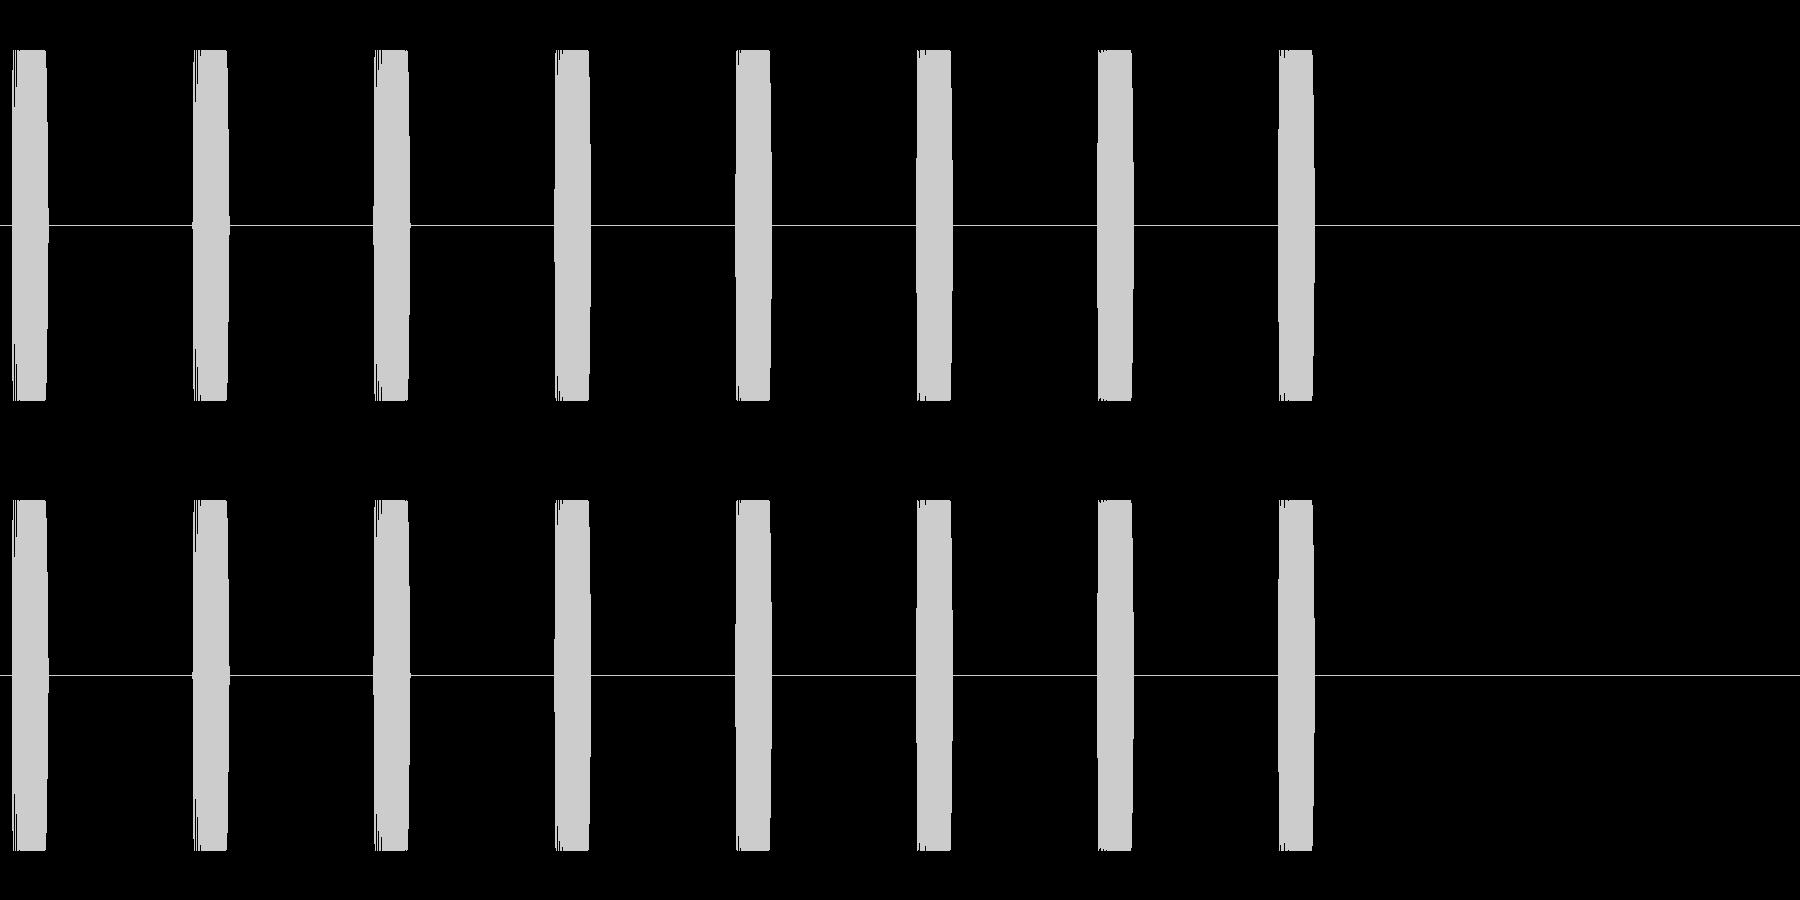 コミカルな足音 C-1-3の未再生の波形